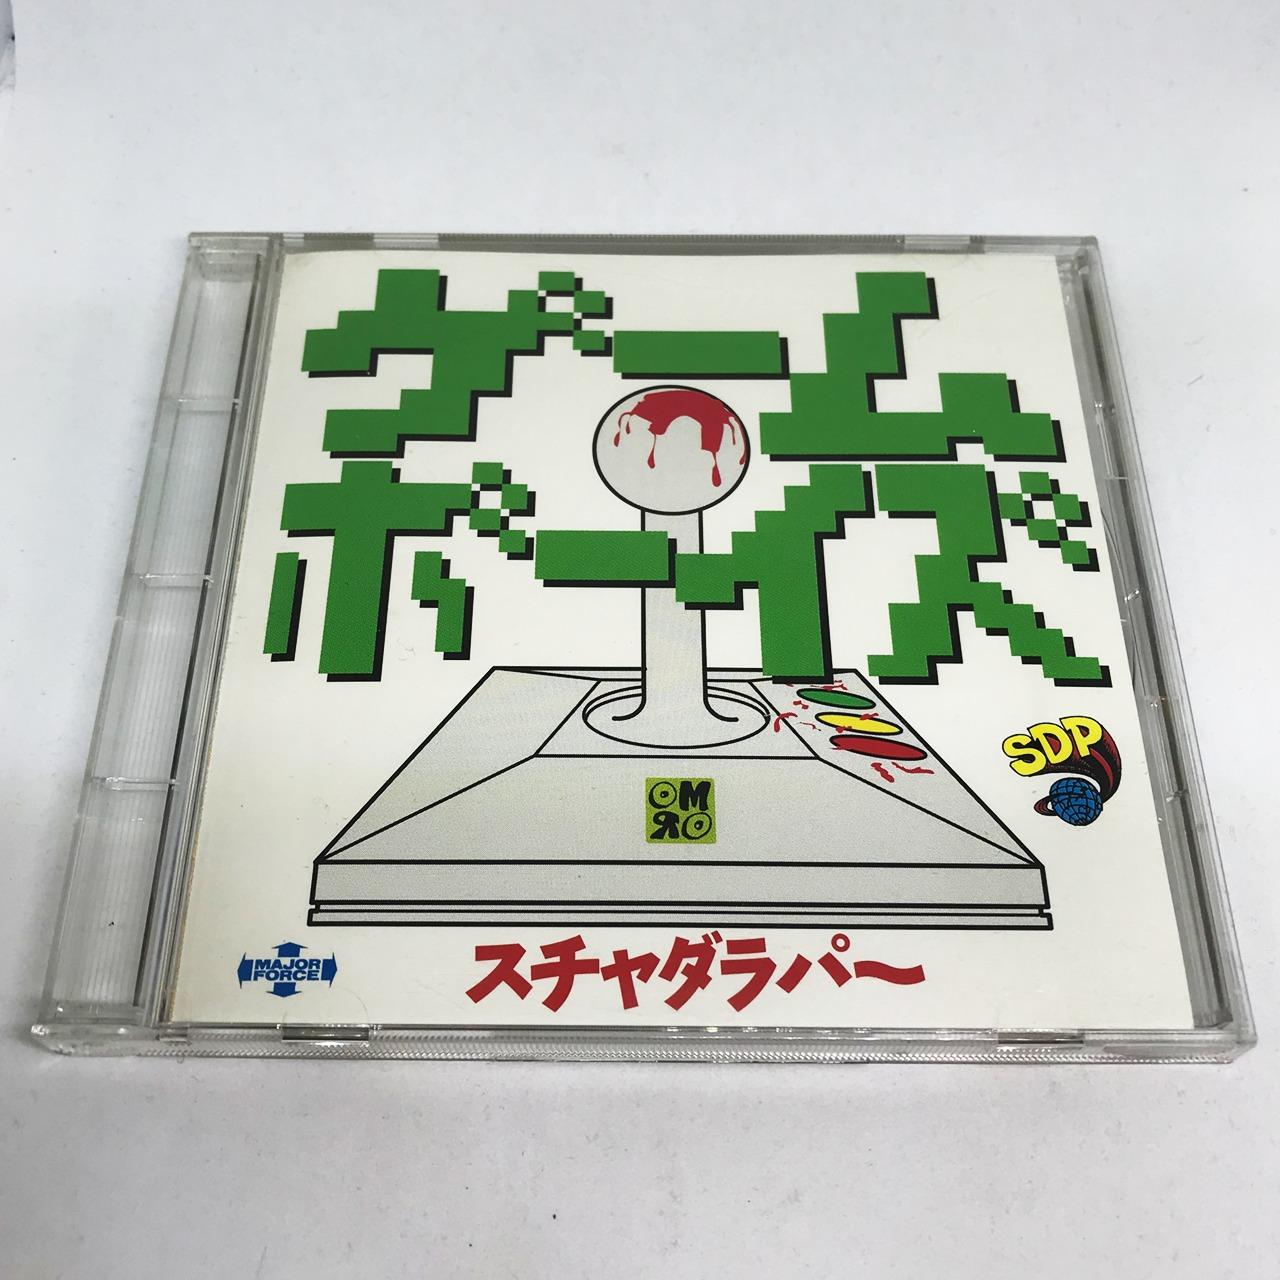 スチャダラパー / ゲームボーイズ